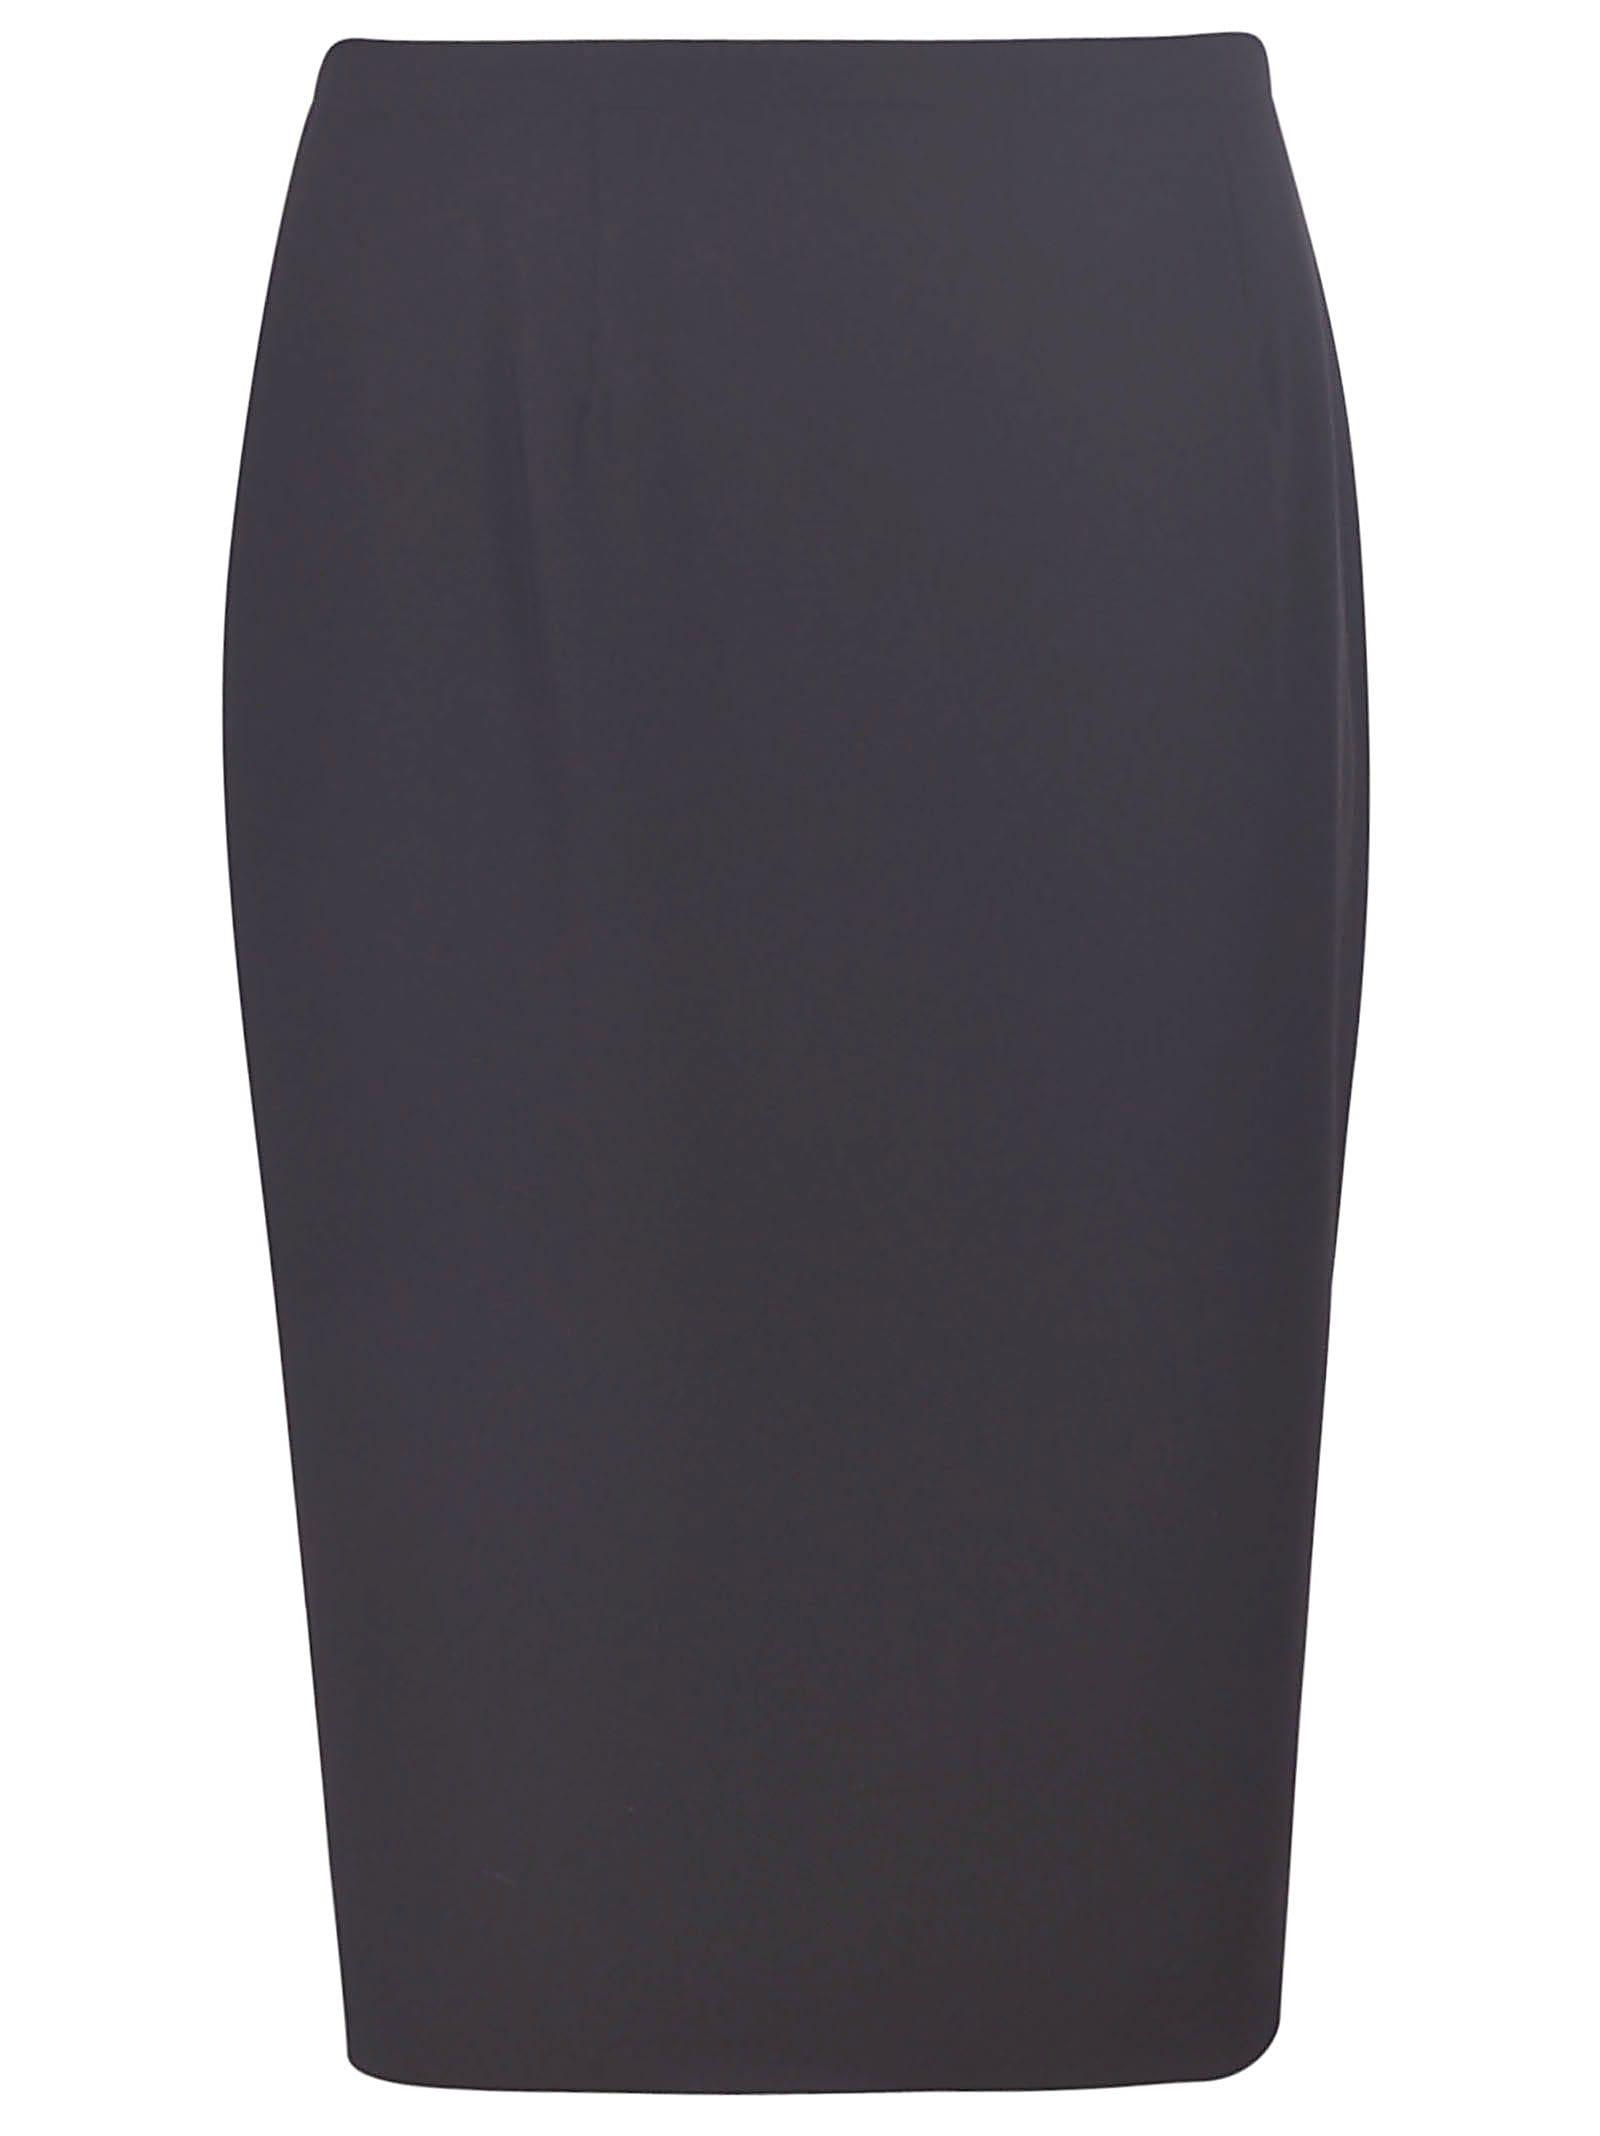 Rima Skirt